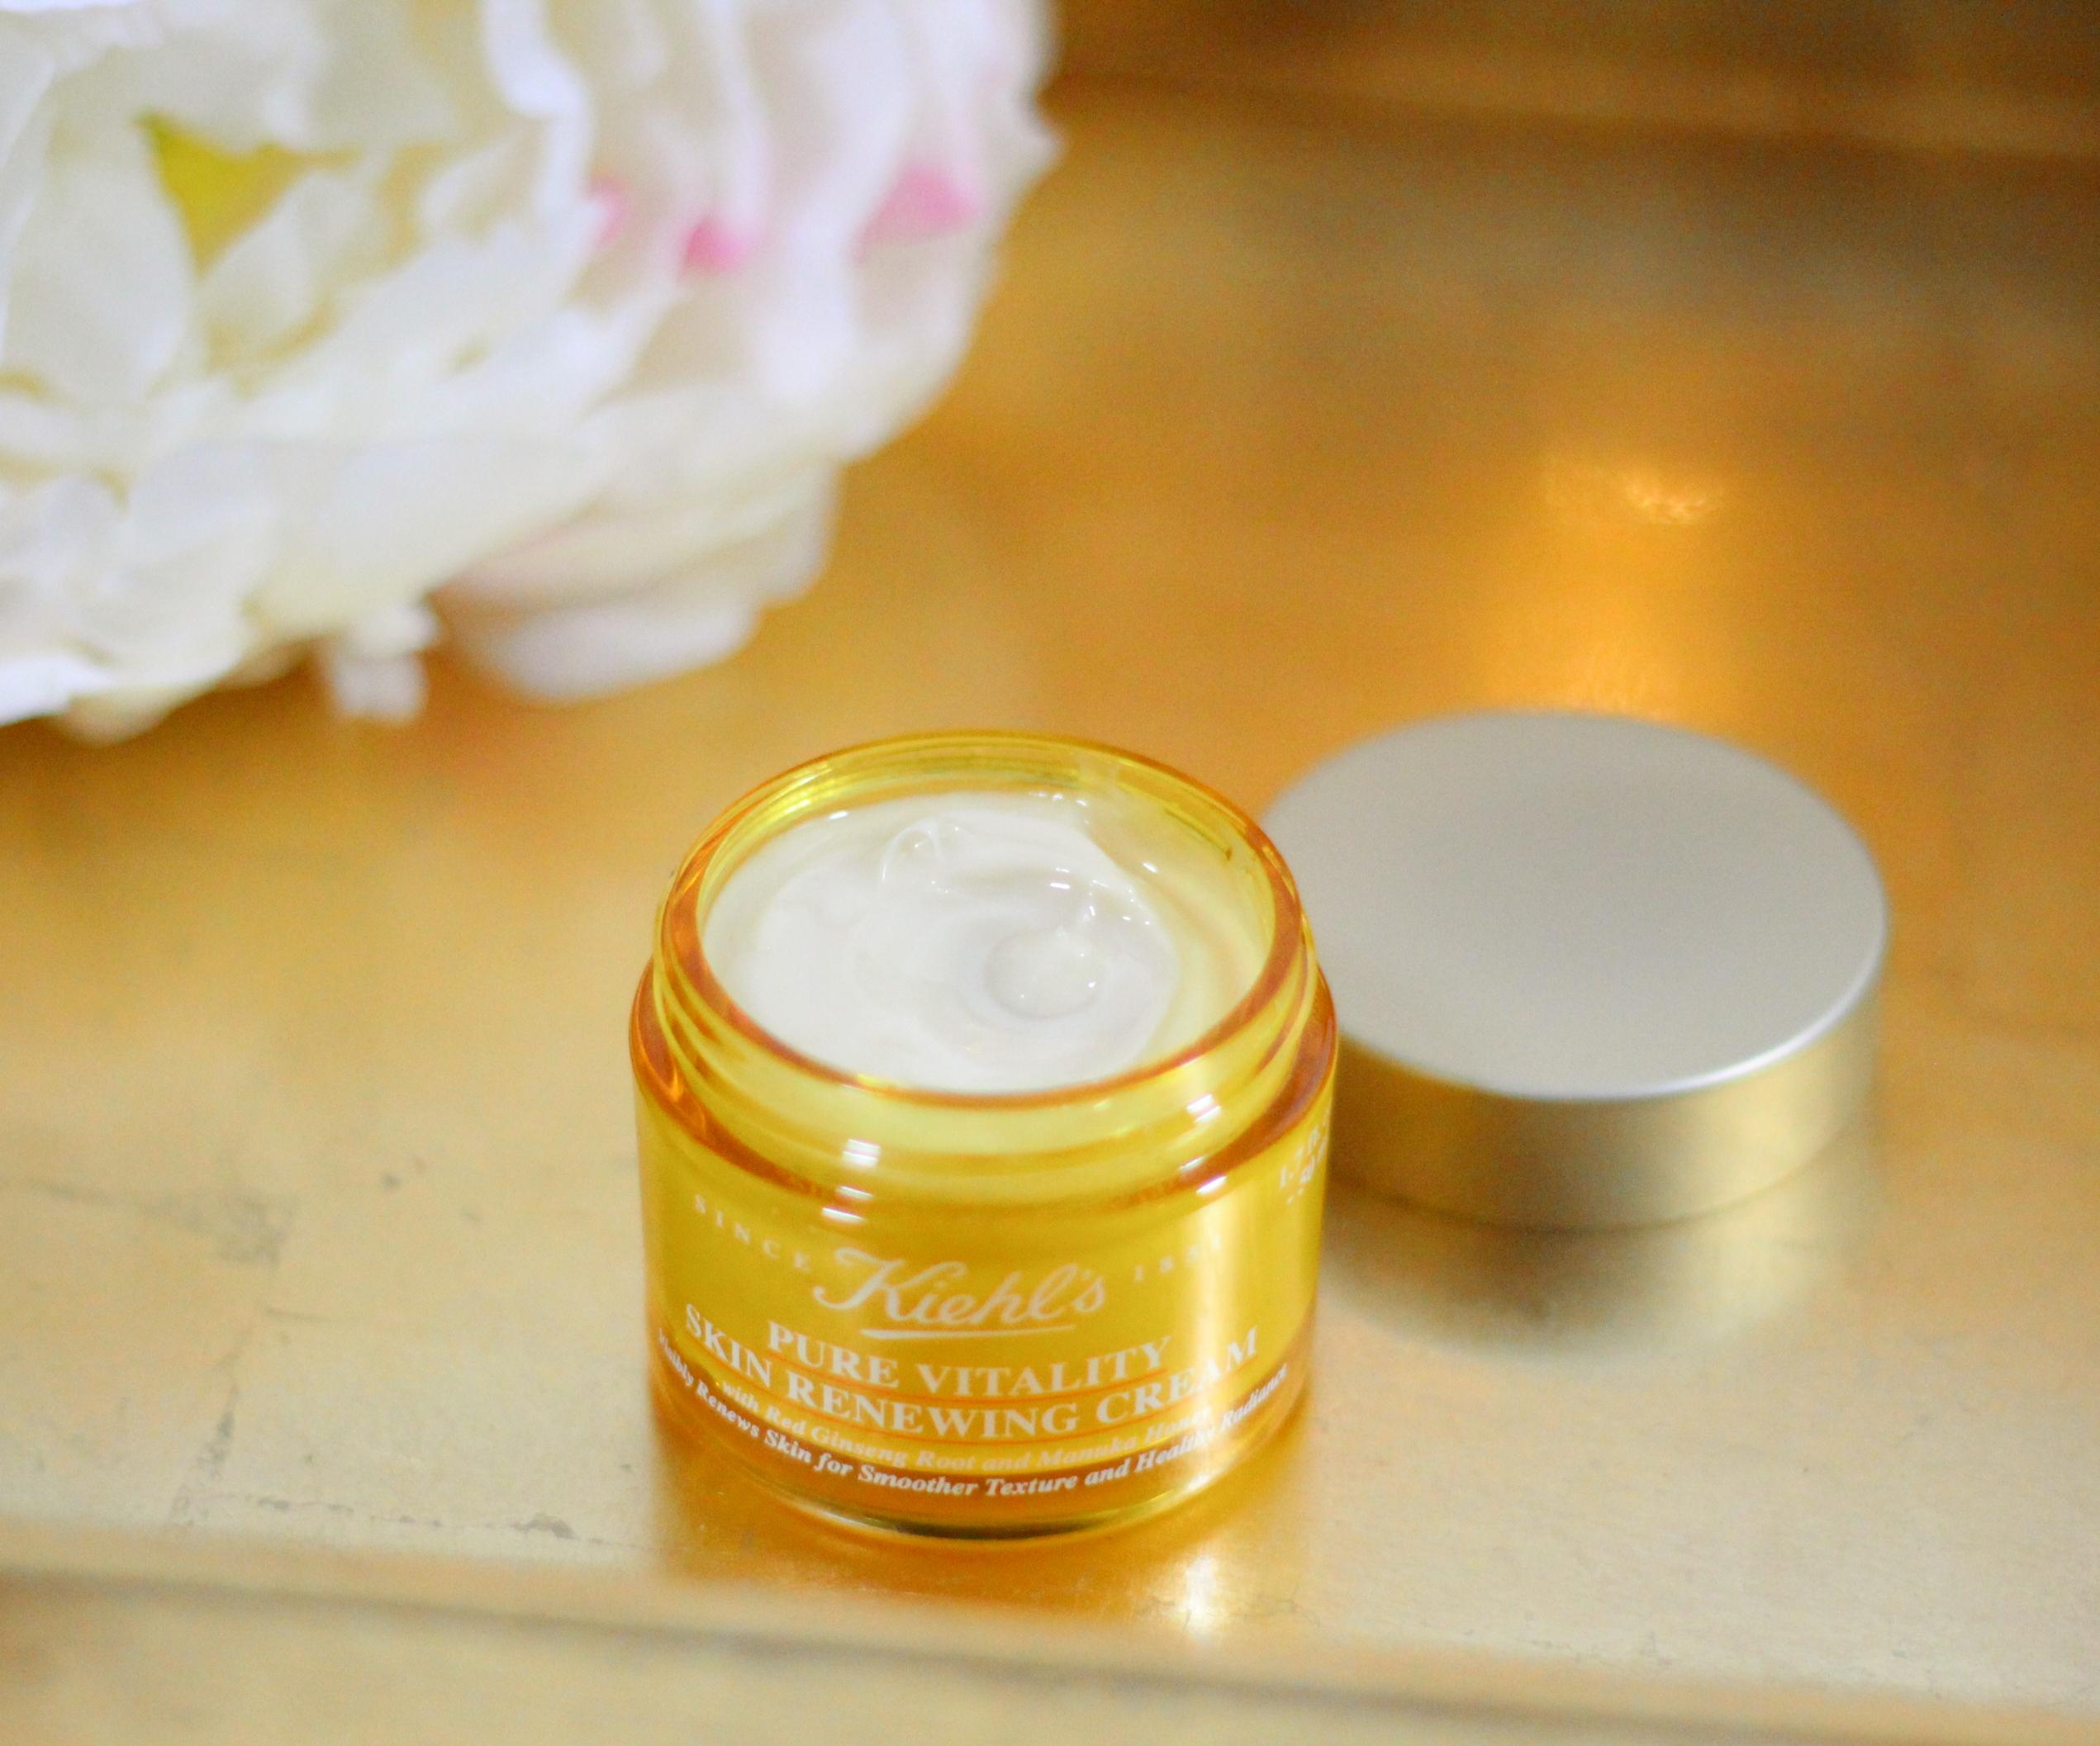 Kiehl's Pure Vitality Skin Renewal Cream